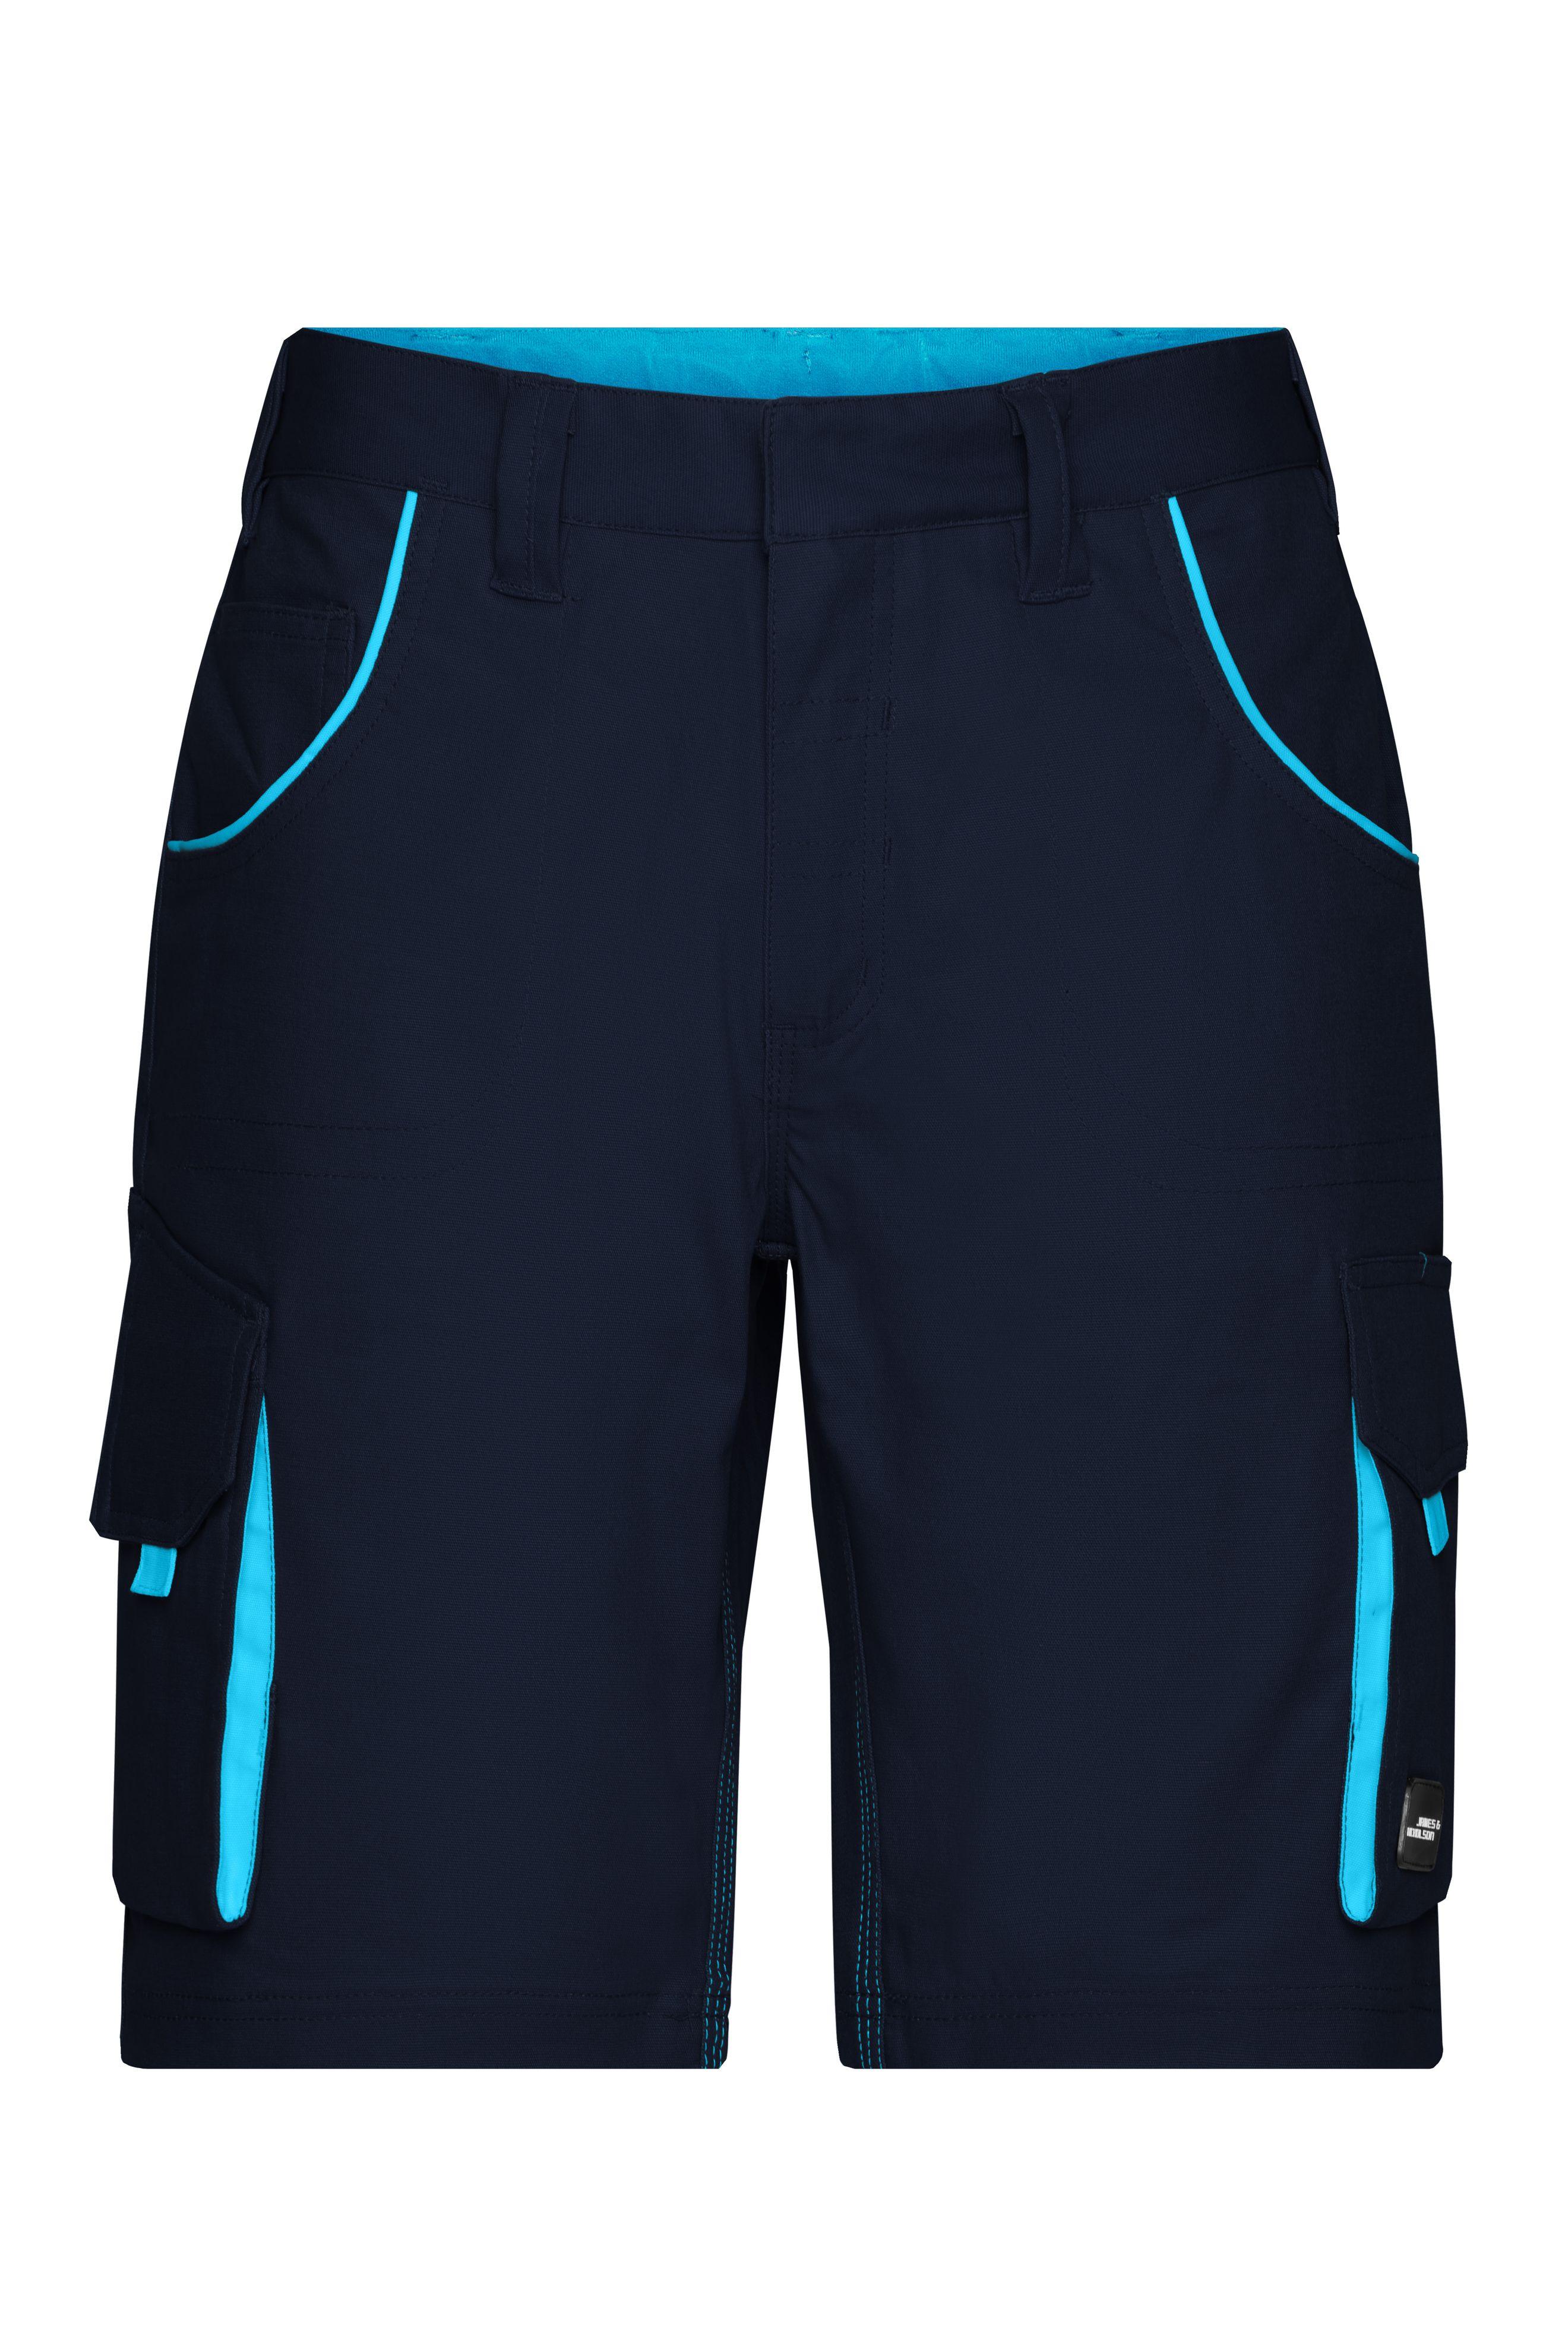 Funktionelle kurze Hose im sportlichen Look mit hochwertigen Details